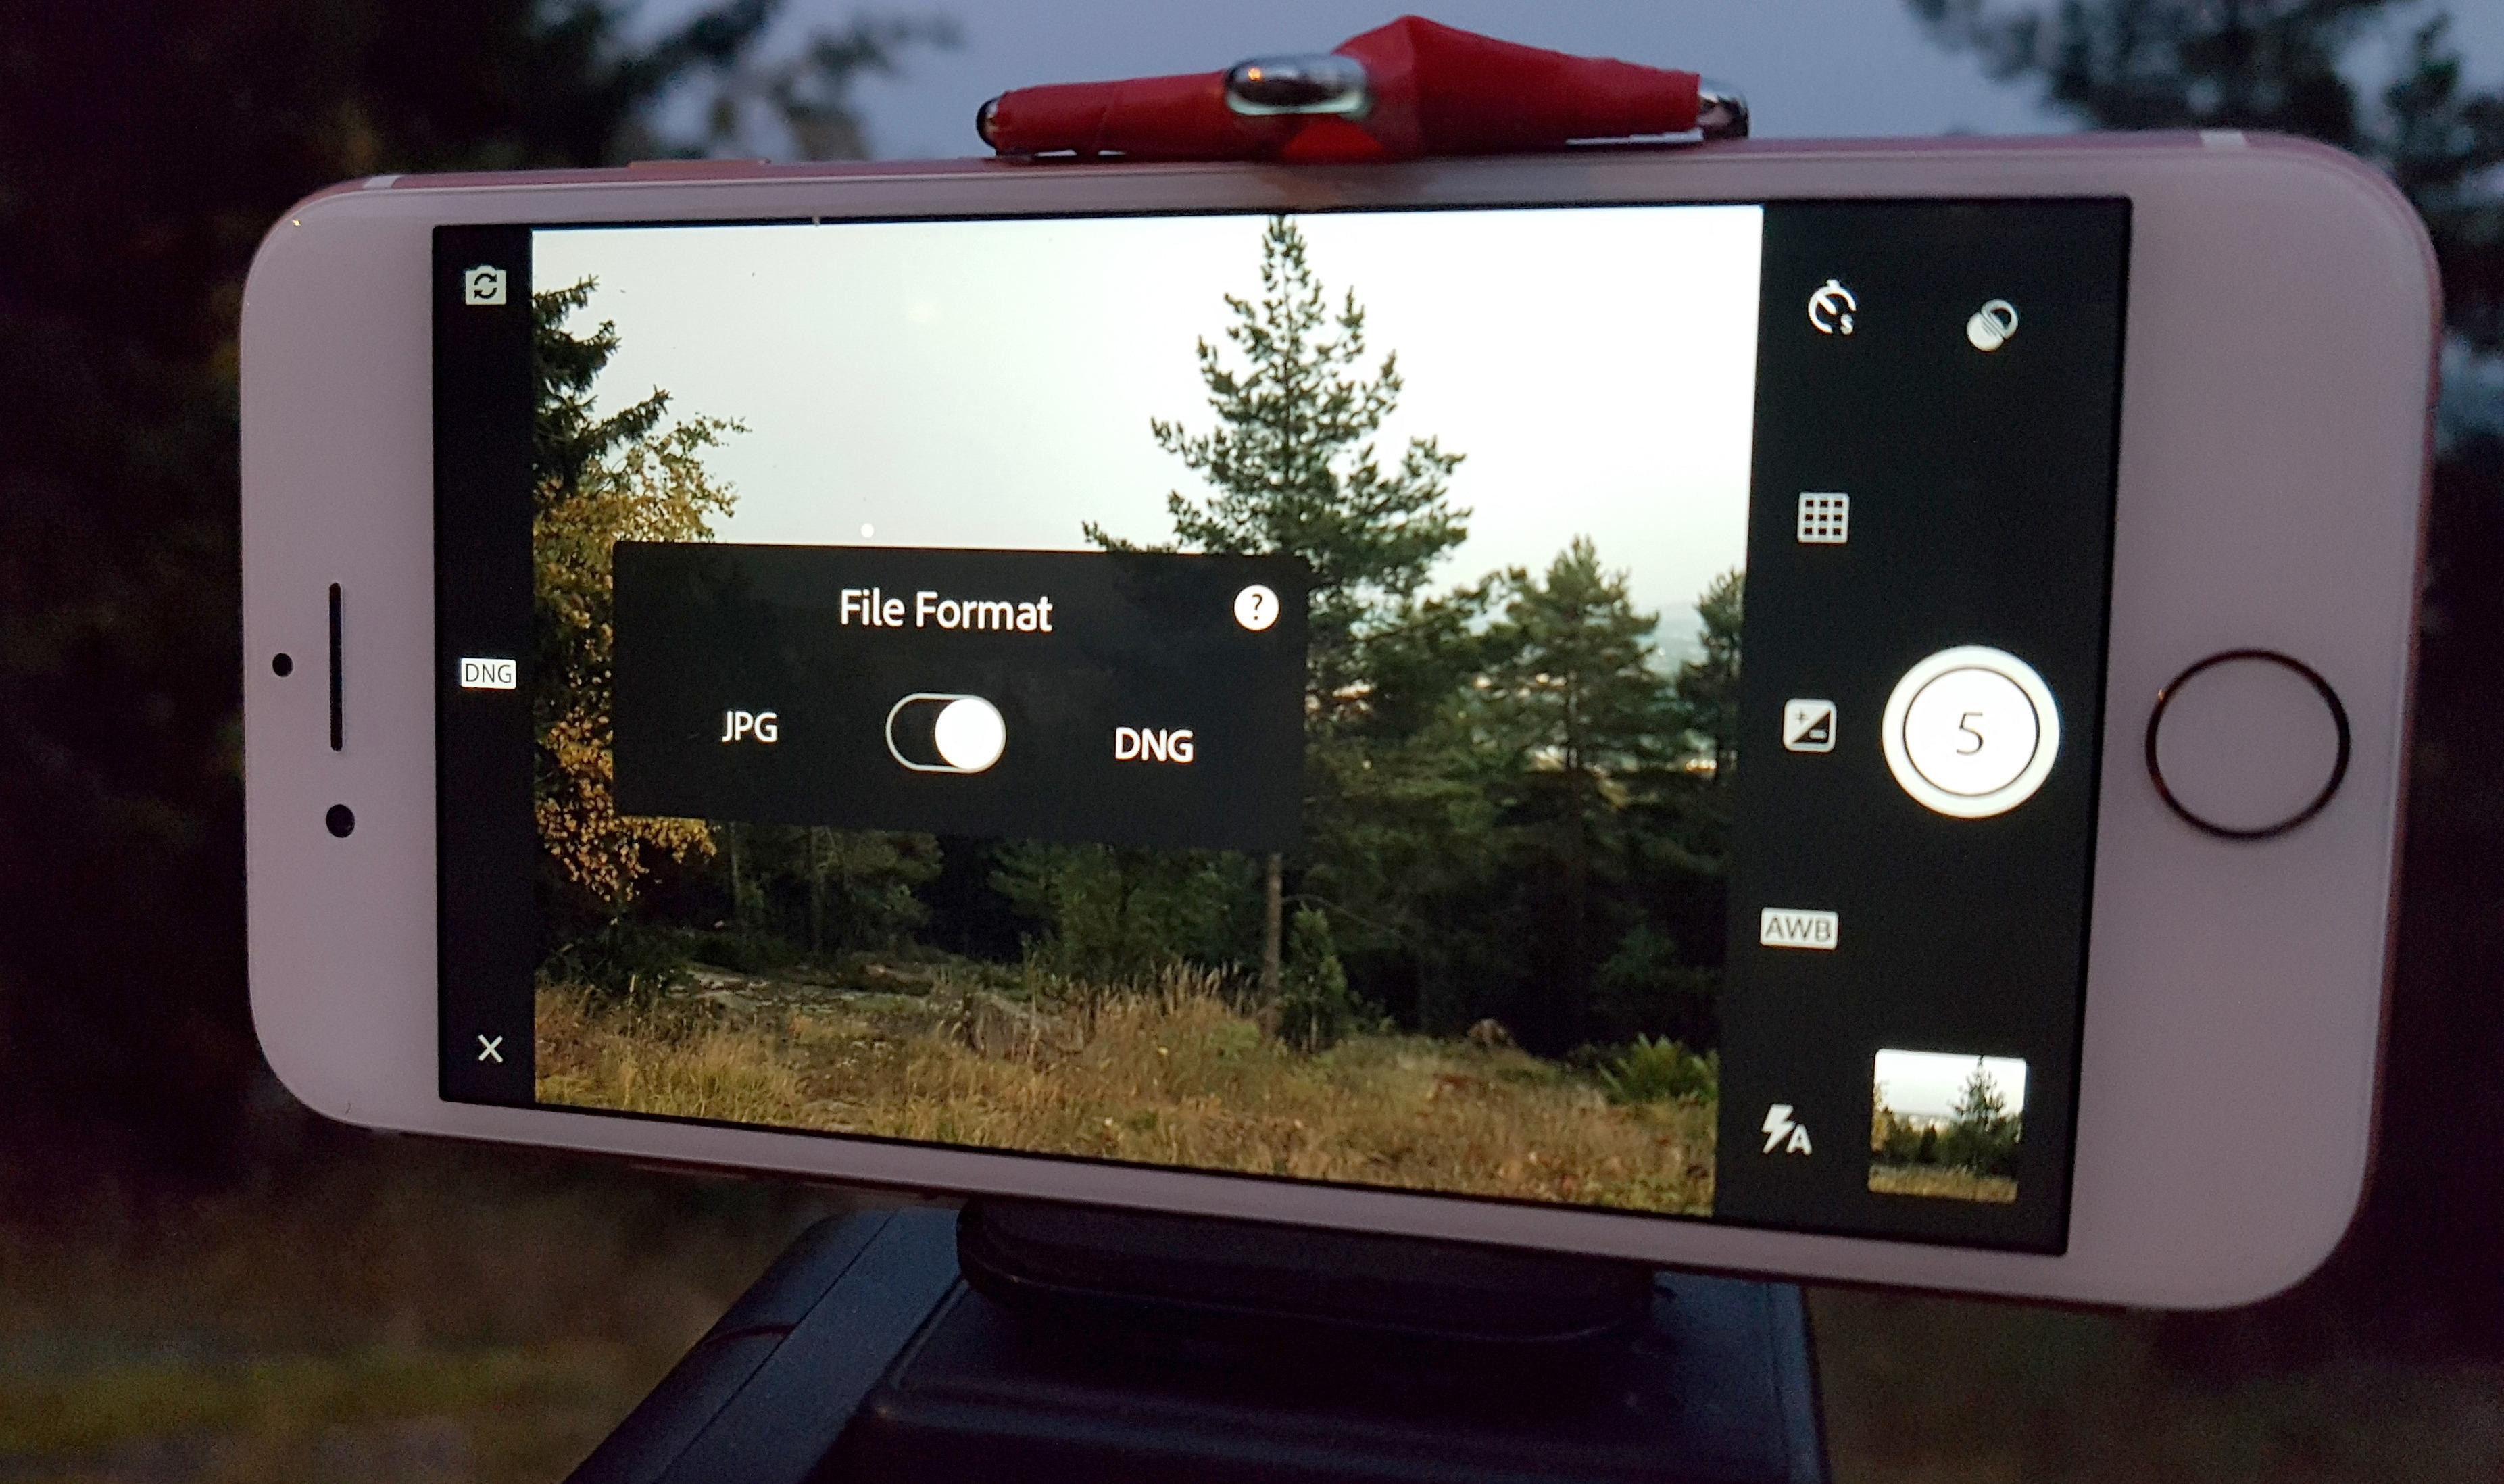 Med tredjeparts programvare, så som Adobe Lightroom, kan du hente ut råfiler direkte fra kamerabrikken i iPhone 7.